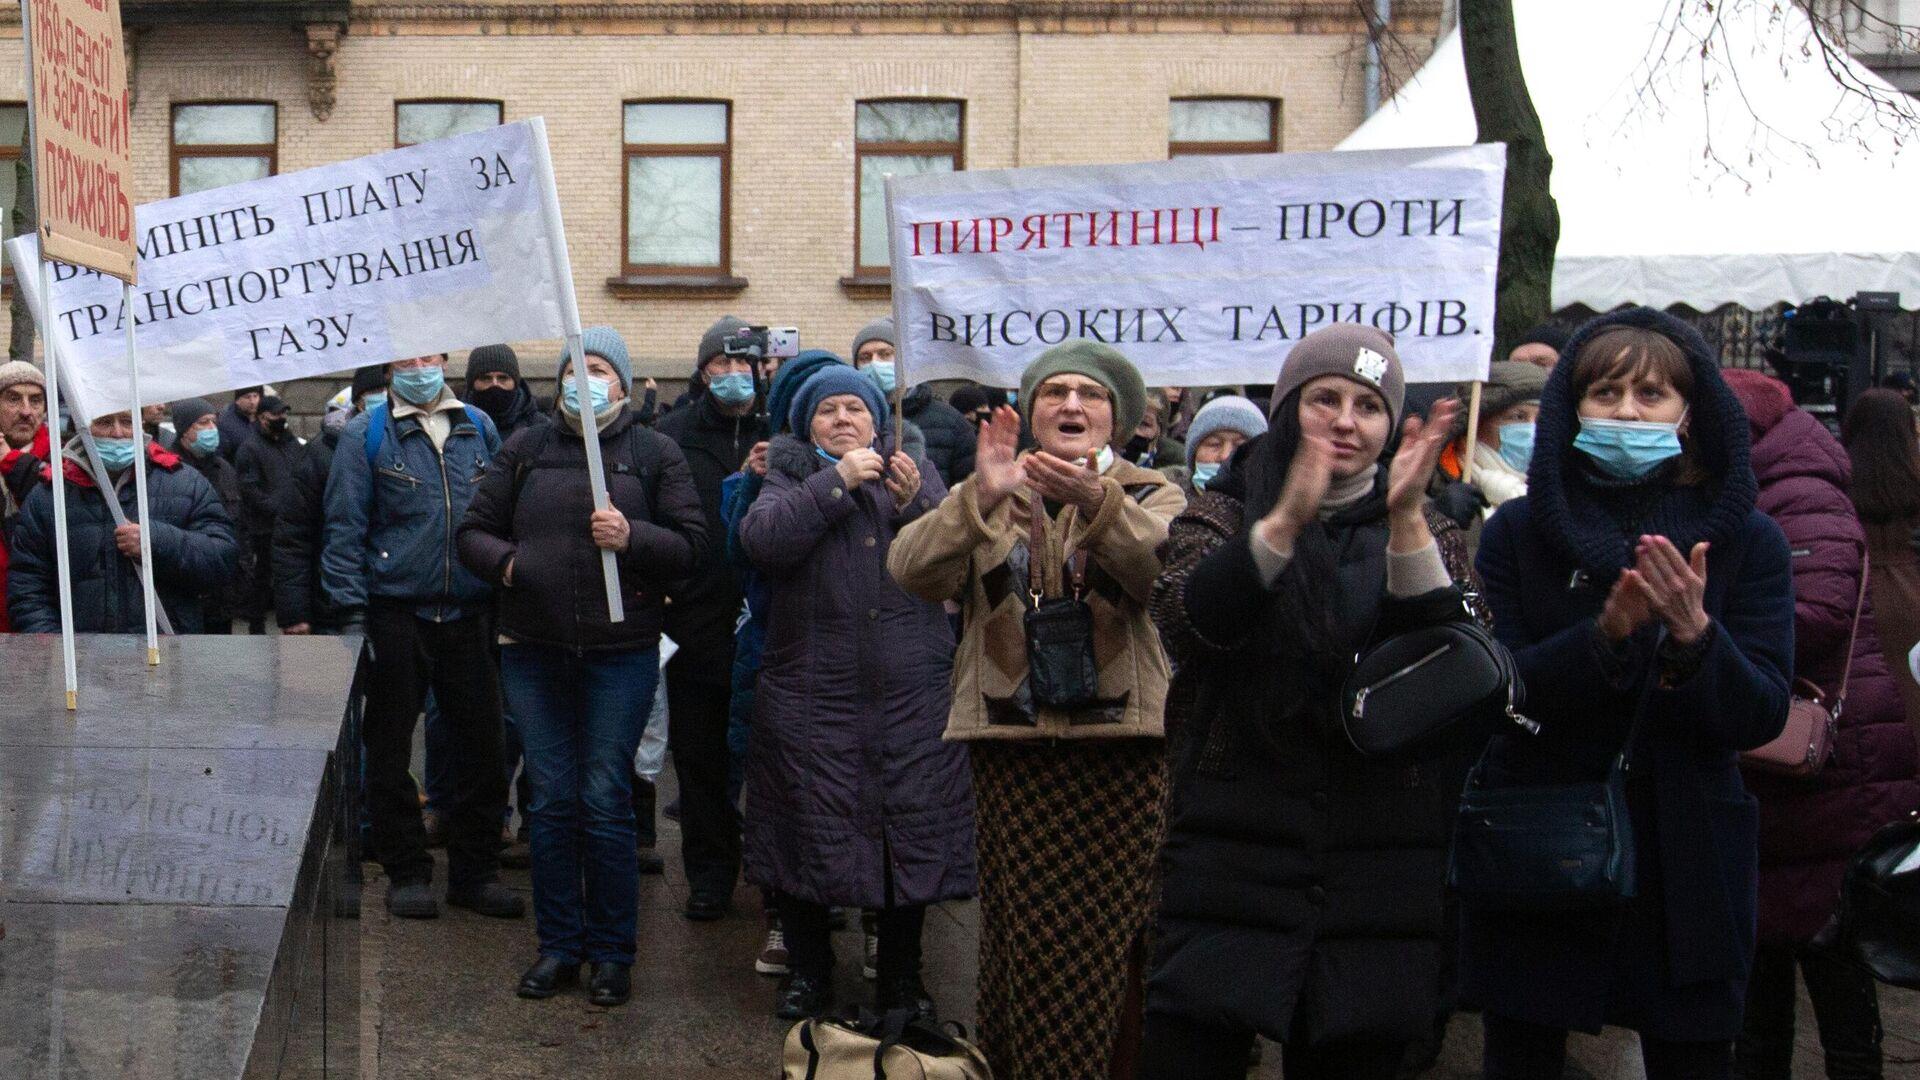 Участники акции протеста против повышения тарифов на коммунальные услуги возле администрации президента Украины в Киеве - РИА Новости, 1920, 26.01.2021